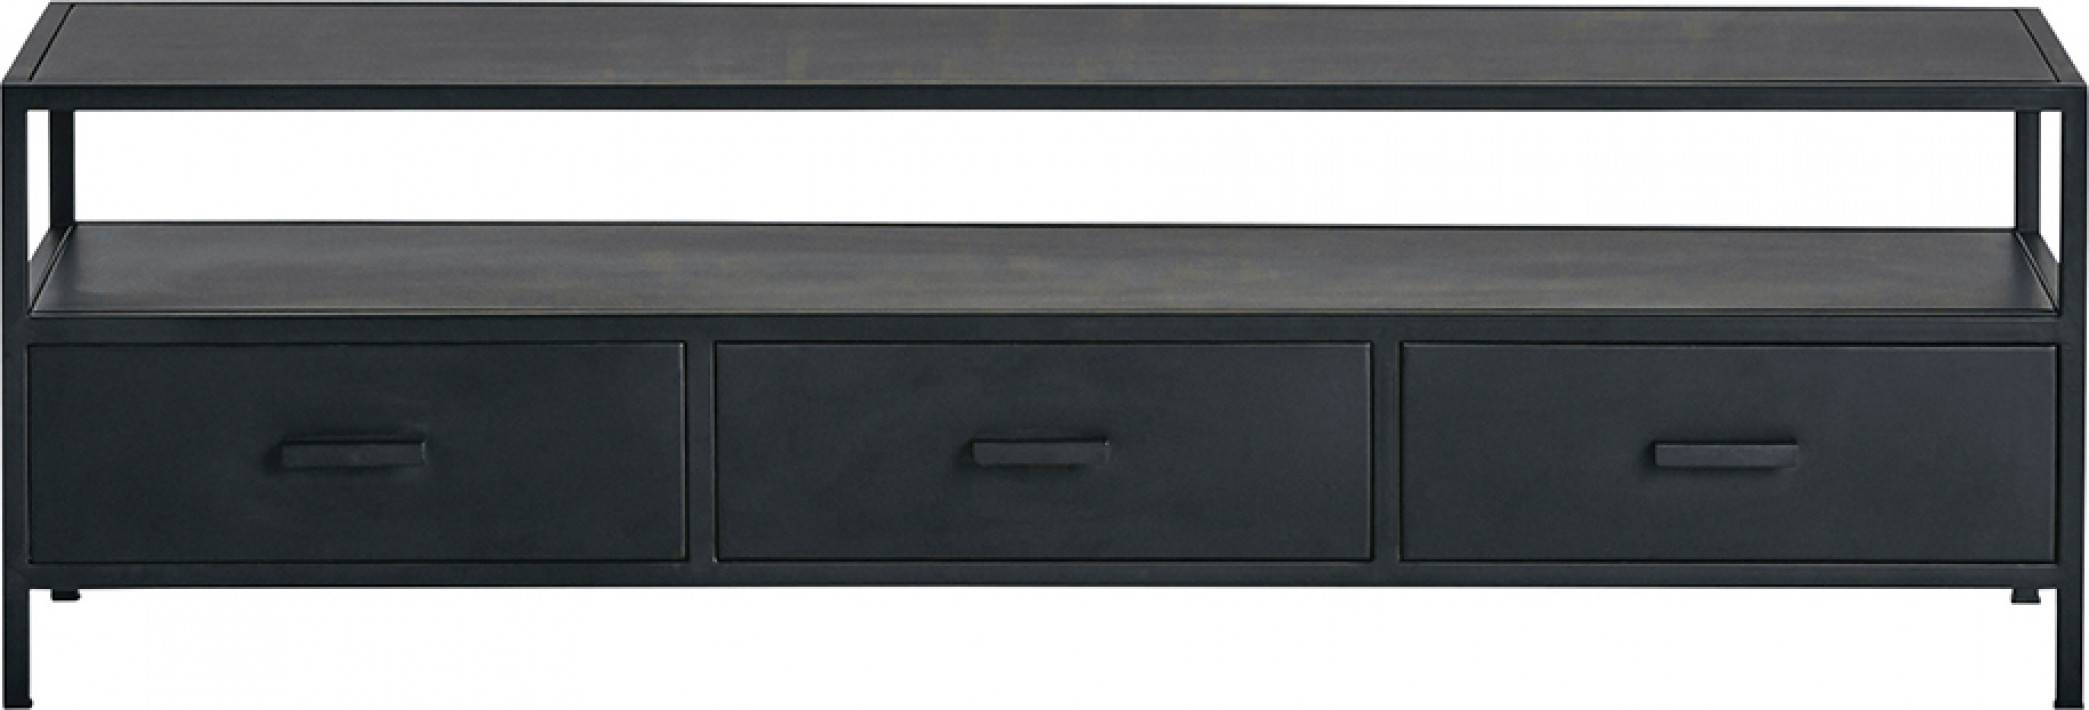 Meuble TV industriel métal noir 3 tiroirs 1 niche